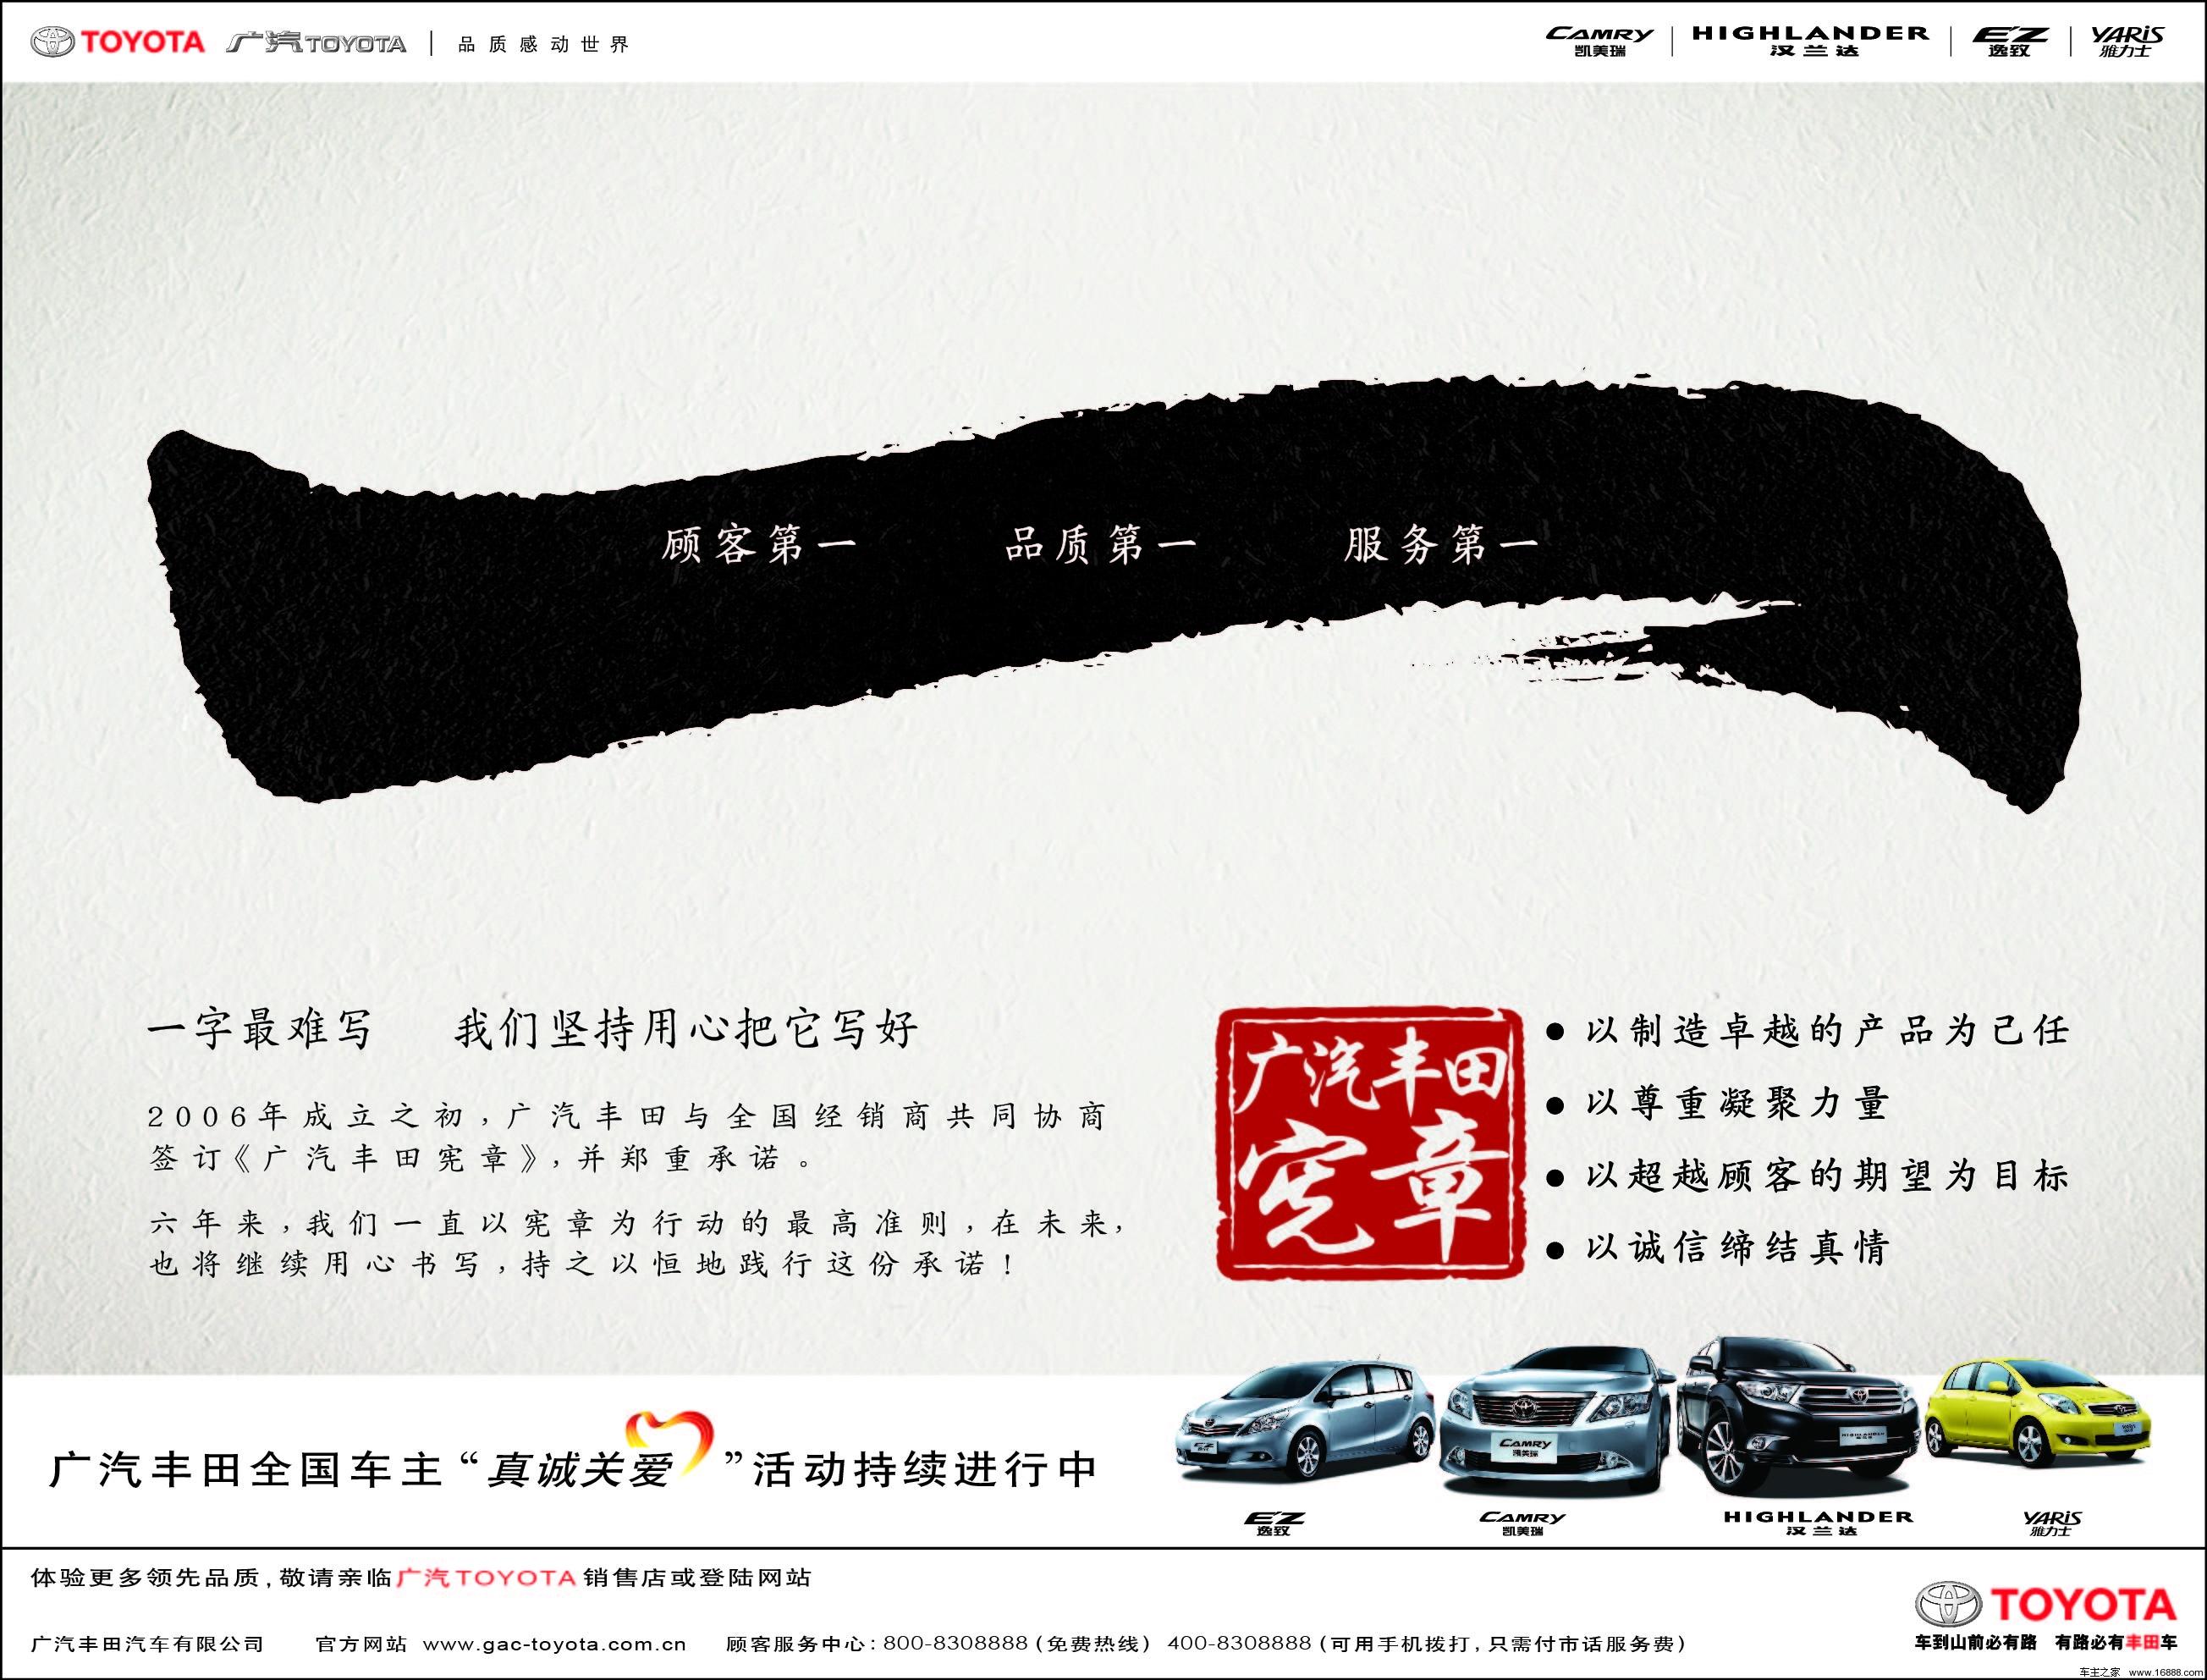 一路呵护广汽丰田用心书写 顾客第一高清图片